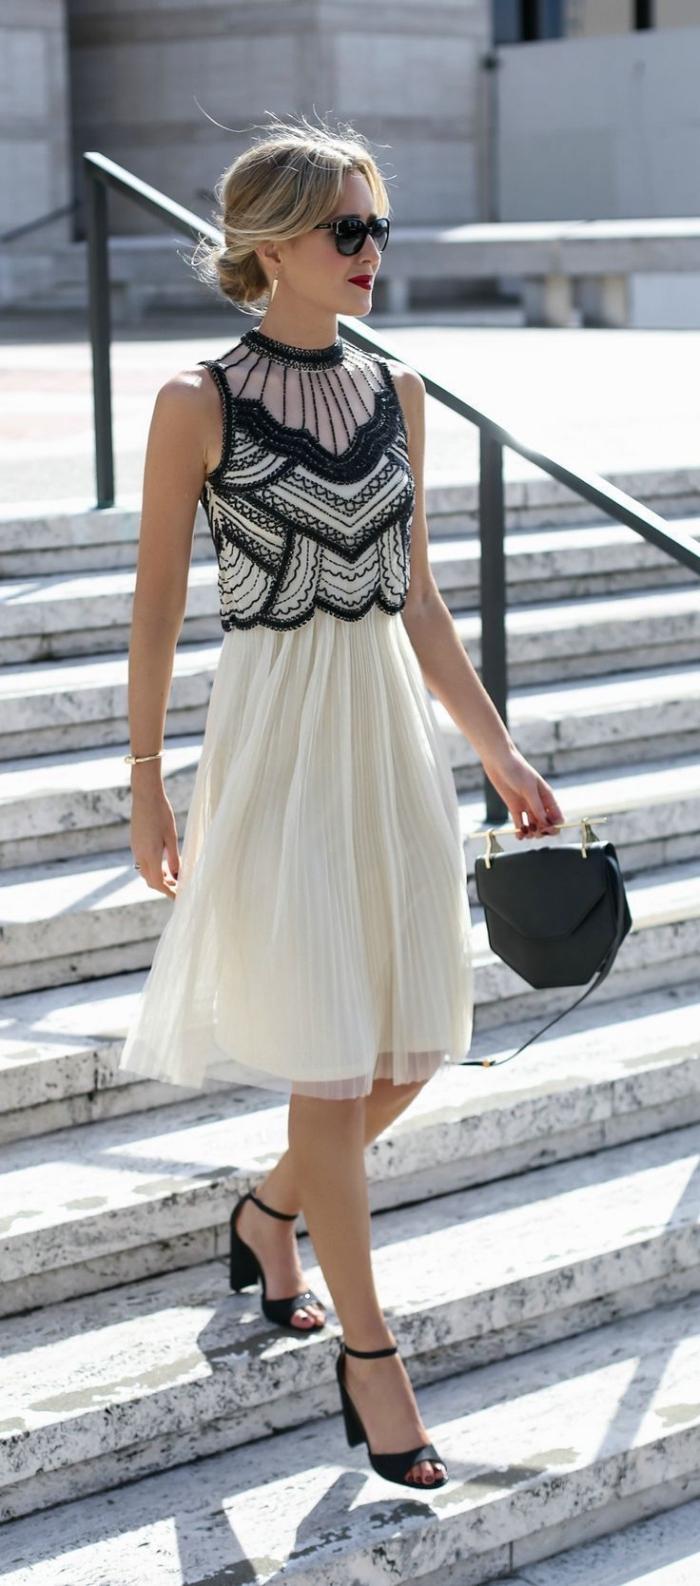 exemple comment porter une robe blanche dentelle noire avec sandales hautes et sac bandoulière de couleur noire